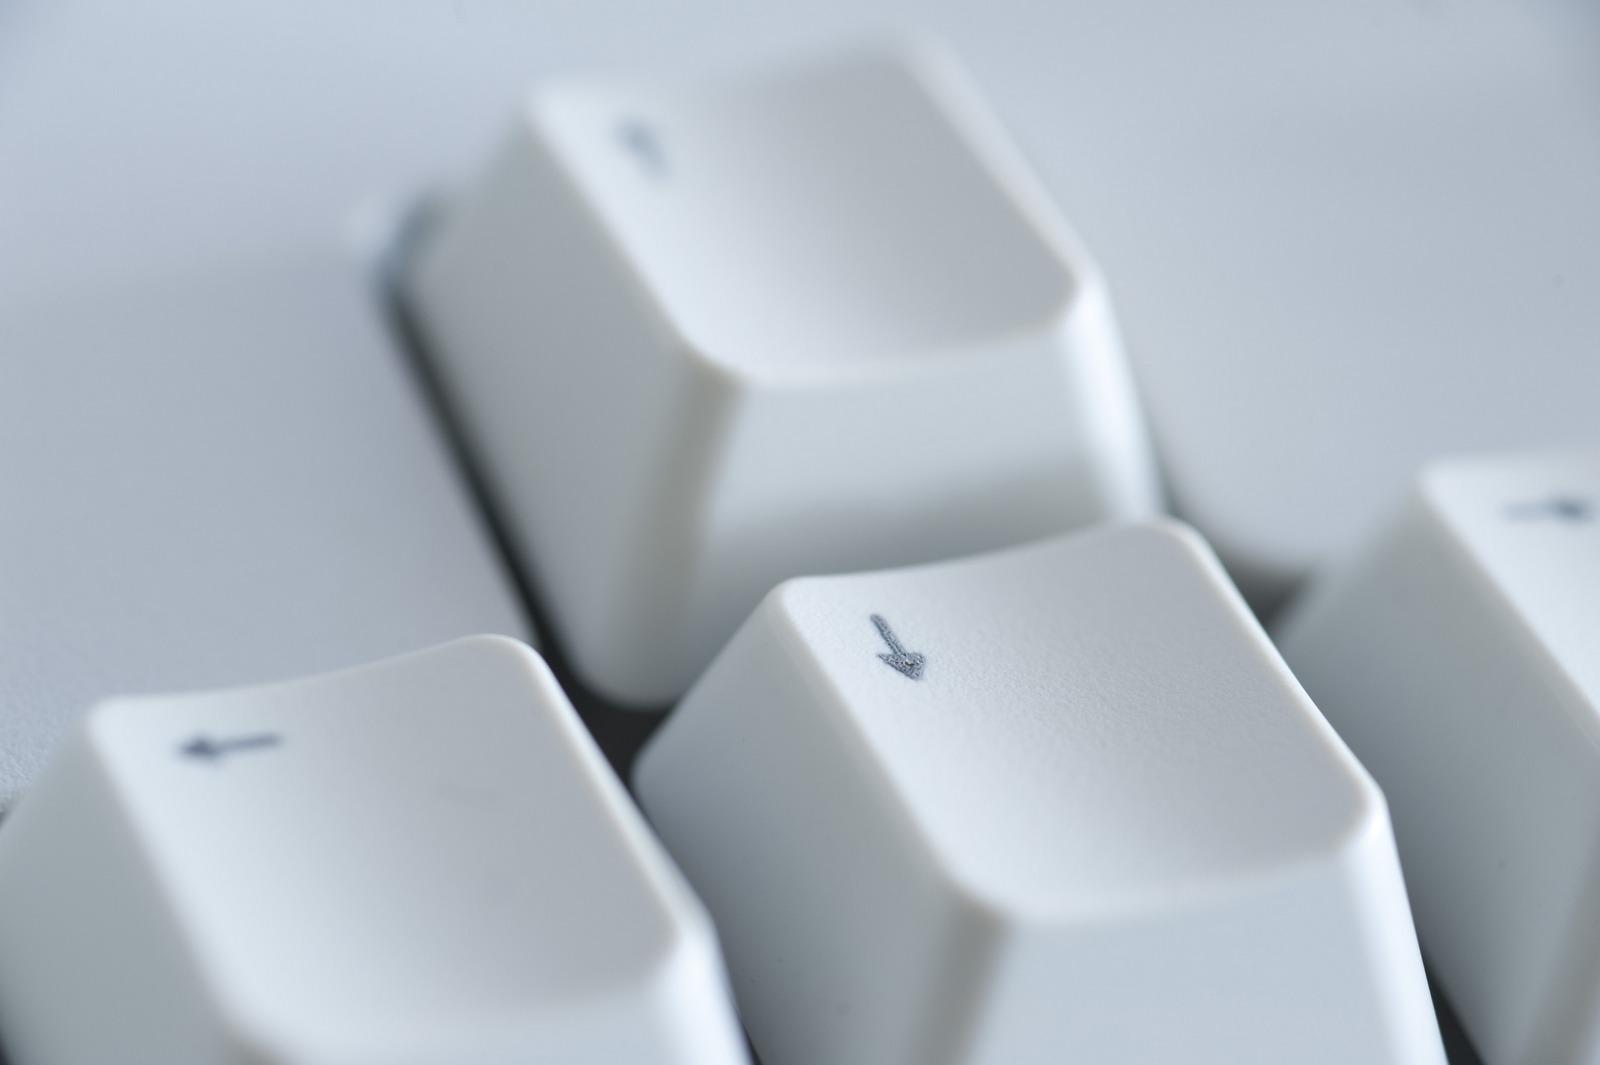 Навигация между предыдущей и следующей страницей с помощью клавиатуры | n-wp.ru